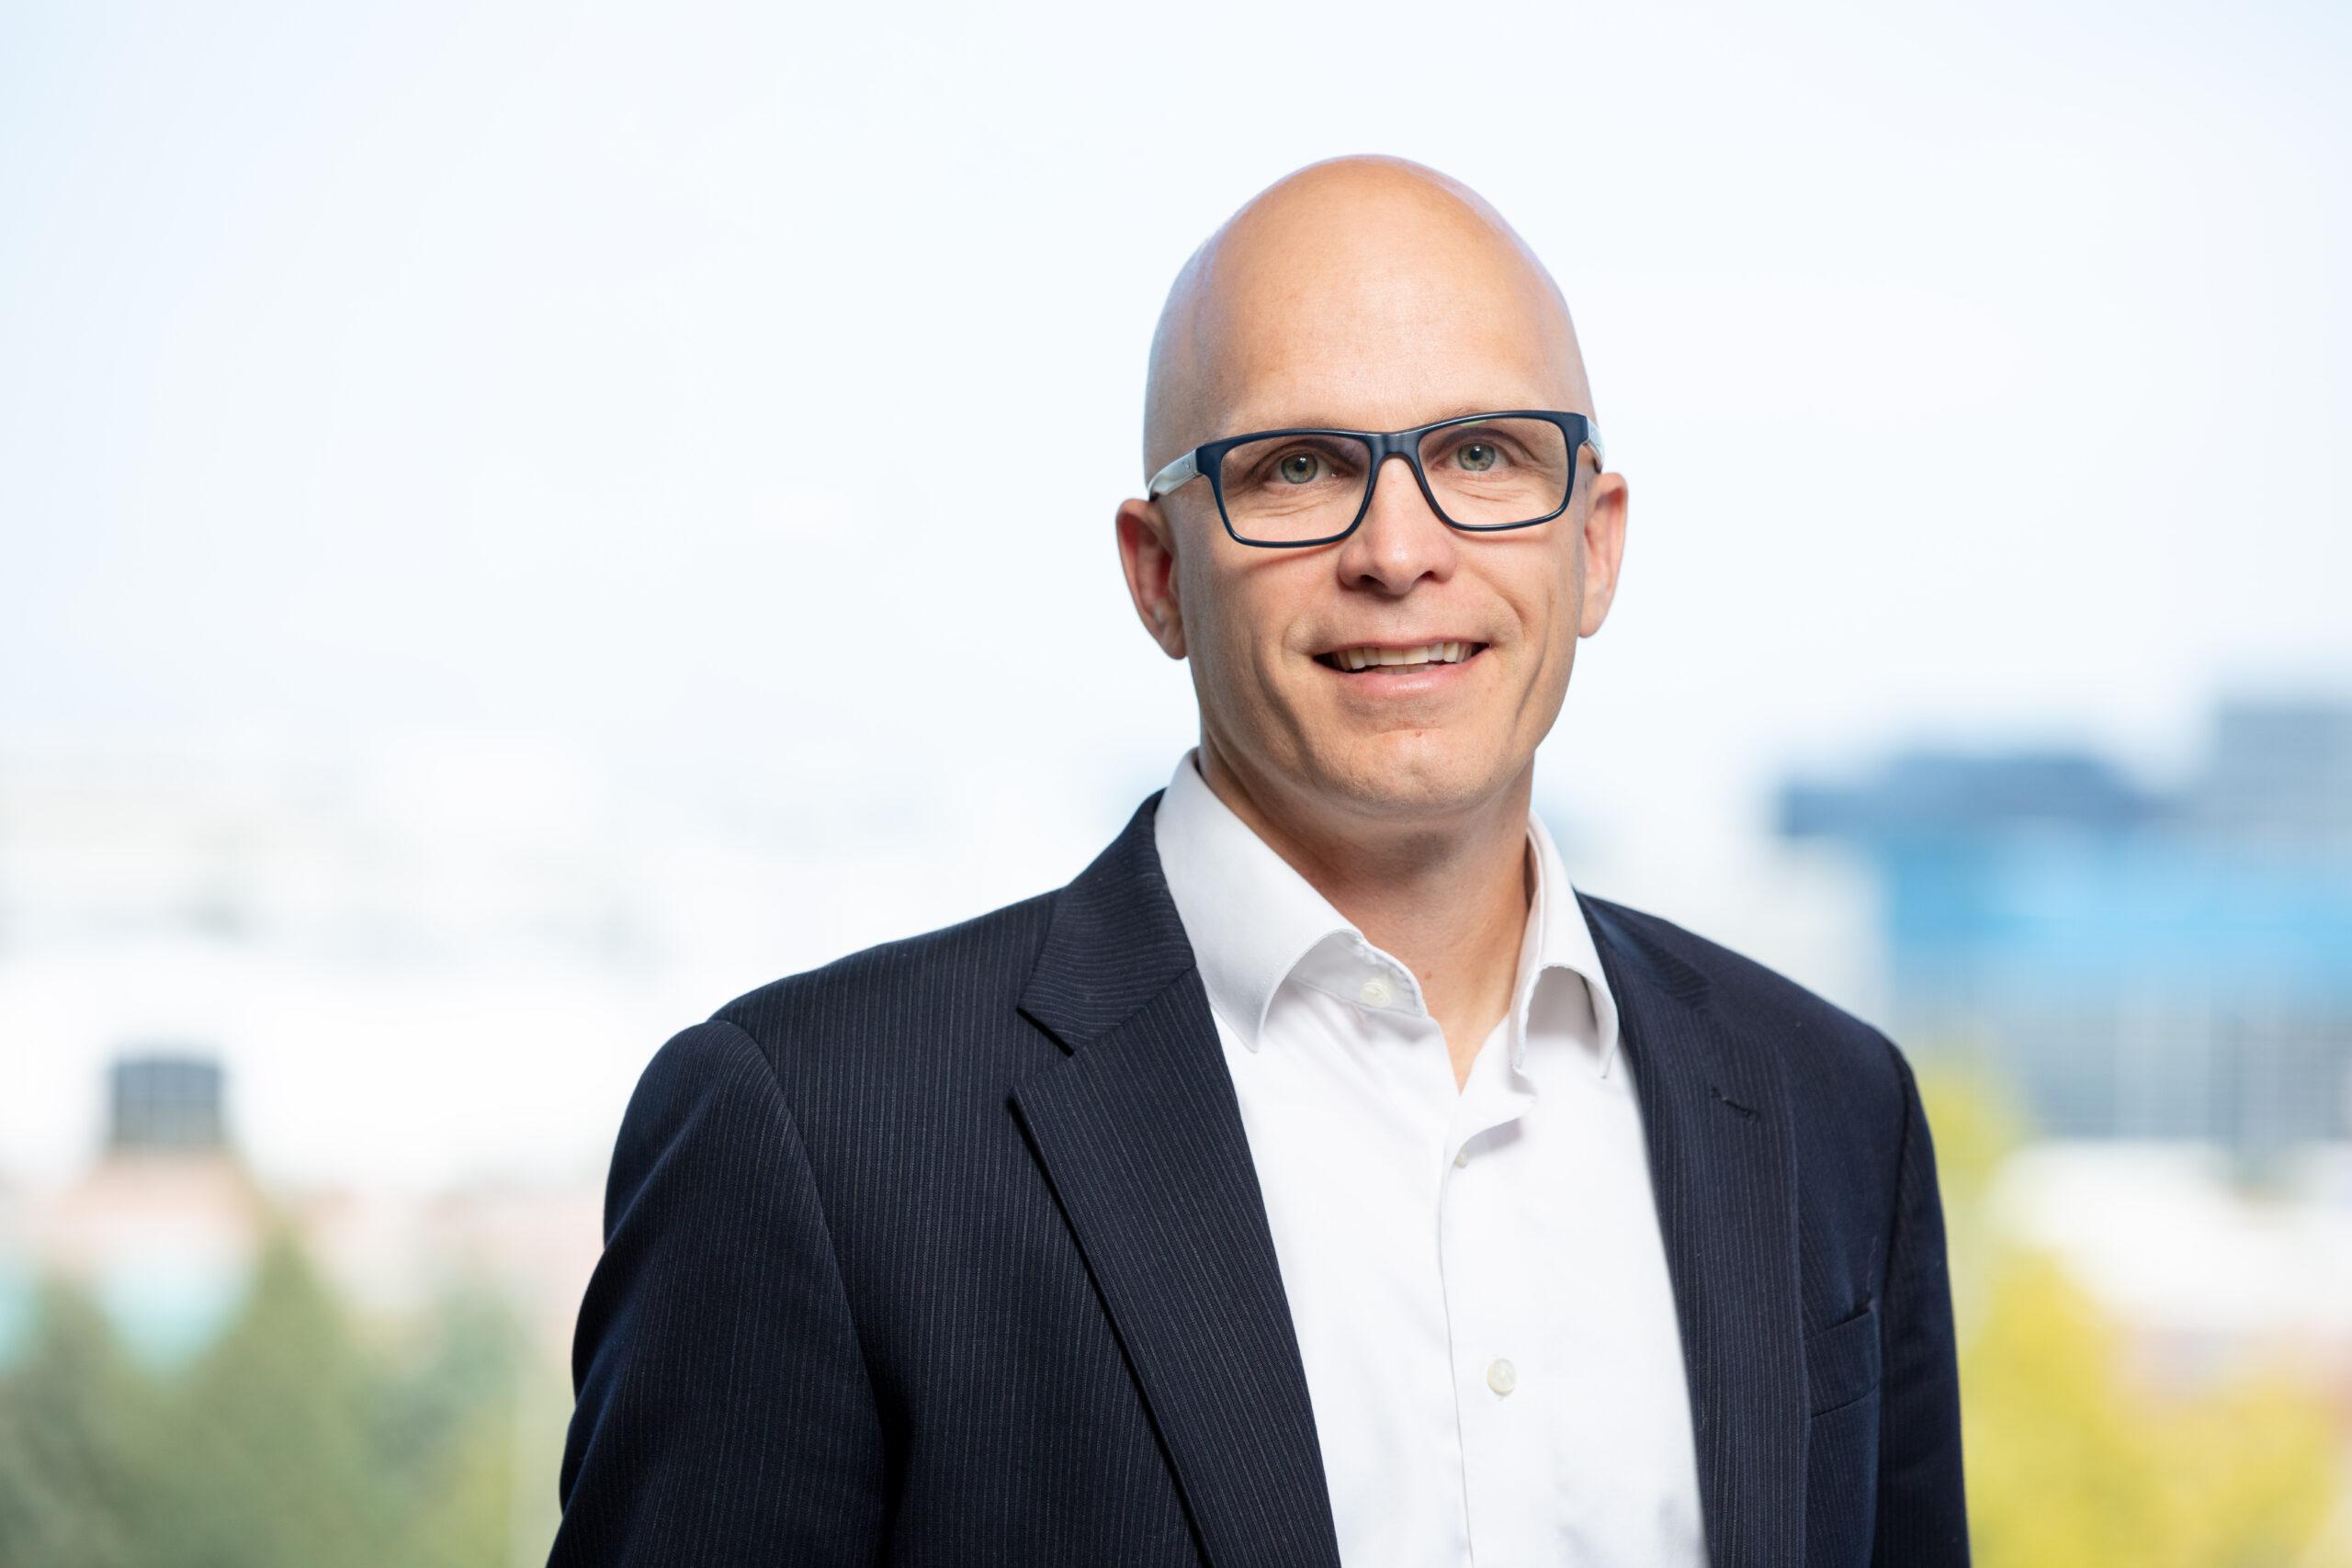 Mike Patterson, directeur principal de l'unité commerciale, oncologie